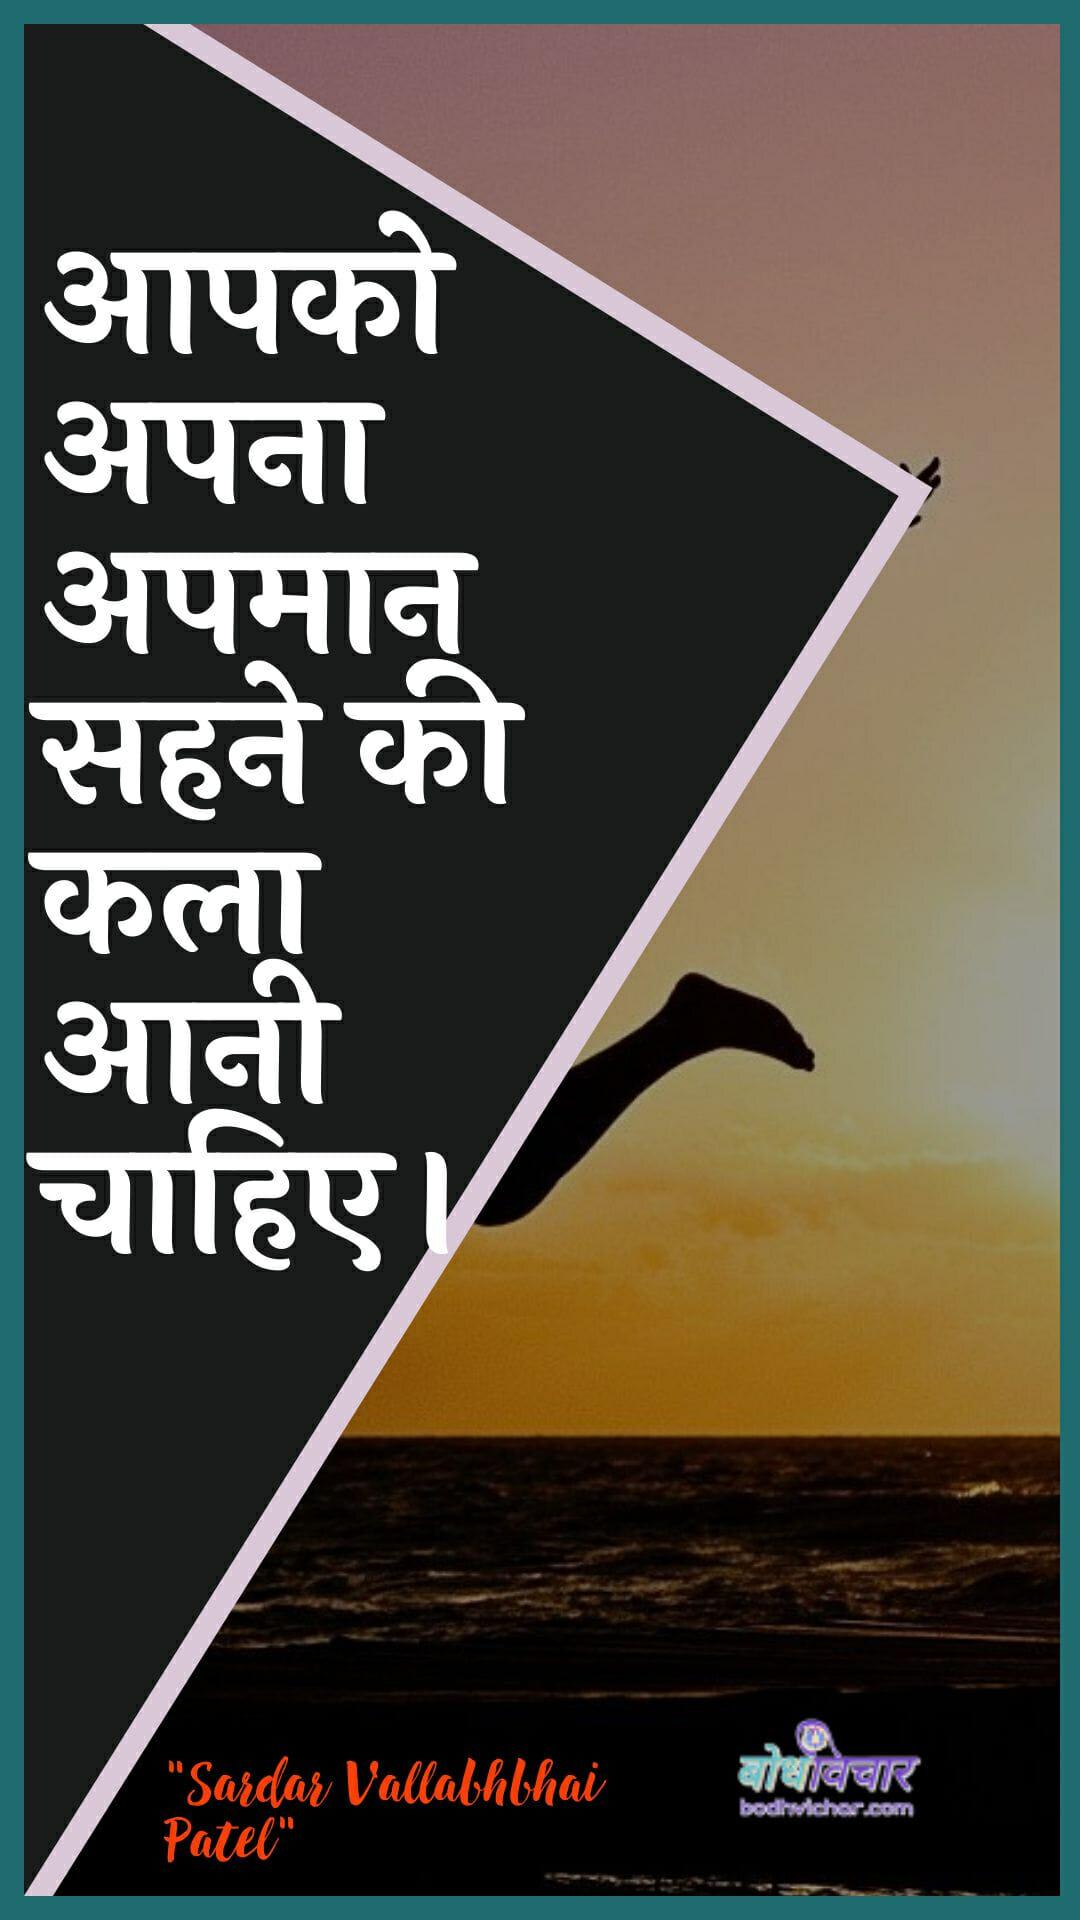 आपको अपना अपमान सहने की कला आनी चाहिए। : Aapako apana apamaan sahane kee kala aanee chaahie. - सरदार वल्लभ भाई पटेल